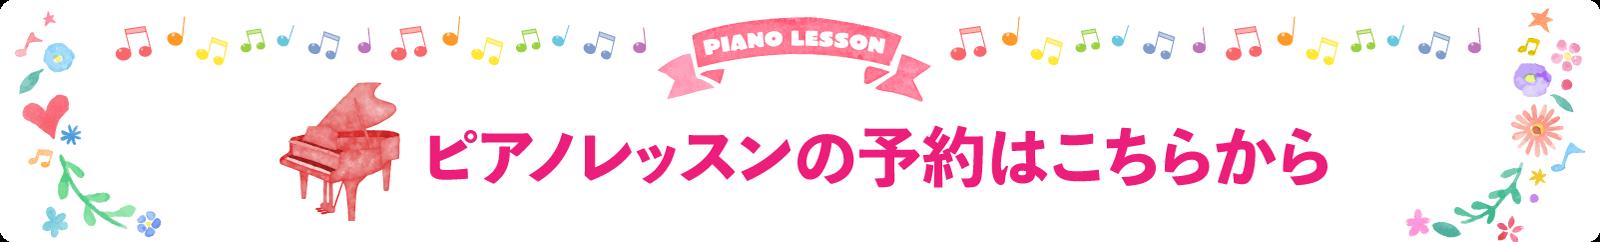 ピアノレッスンの予約はこちら